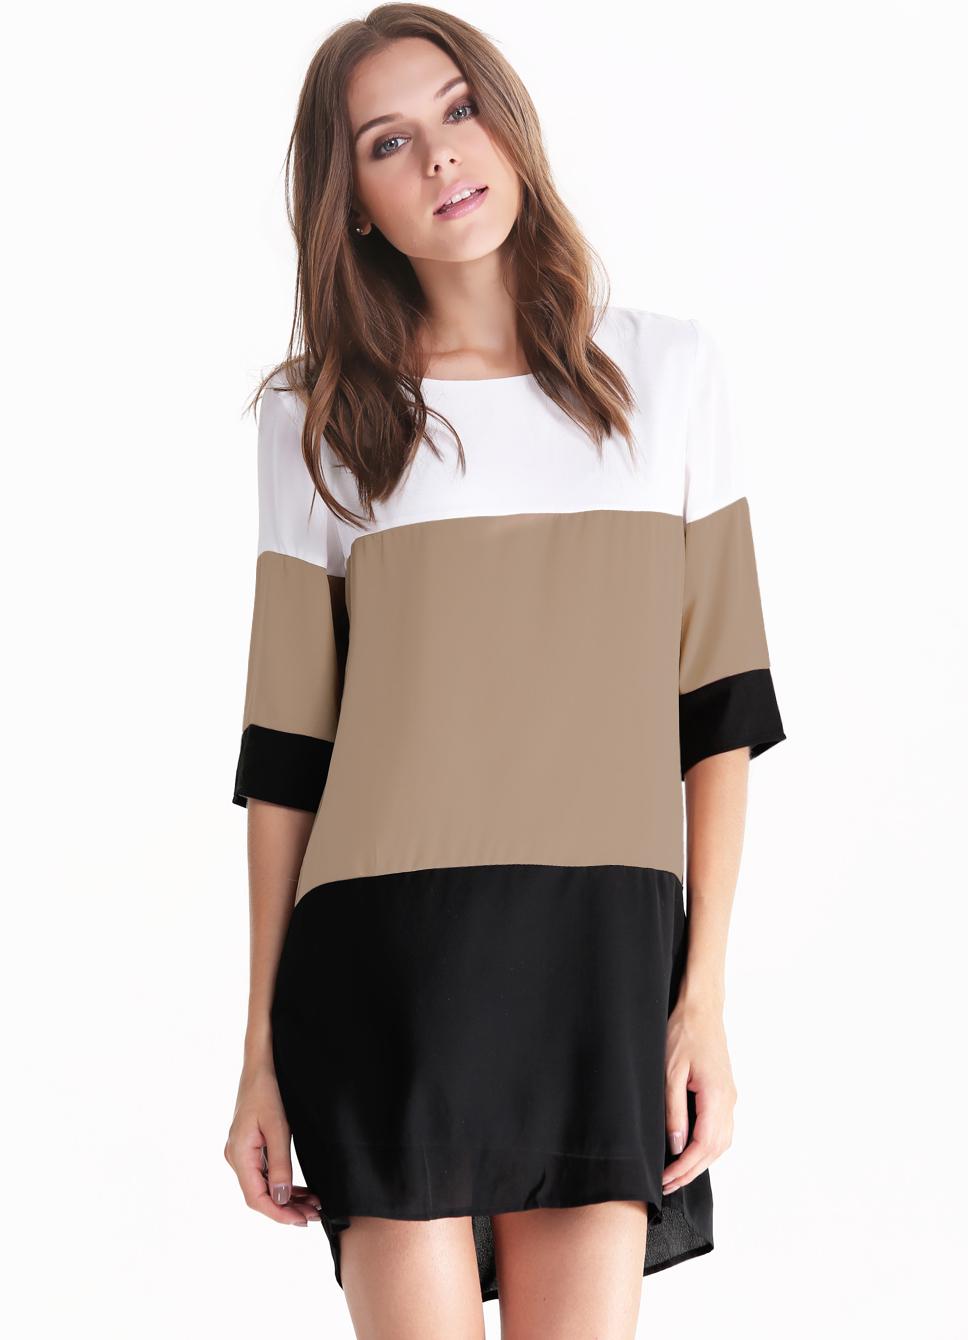 White Coffee Black Color Block Dress - Sheinside.com